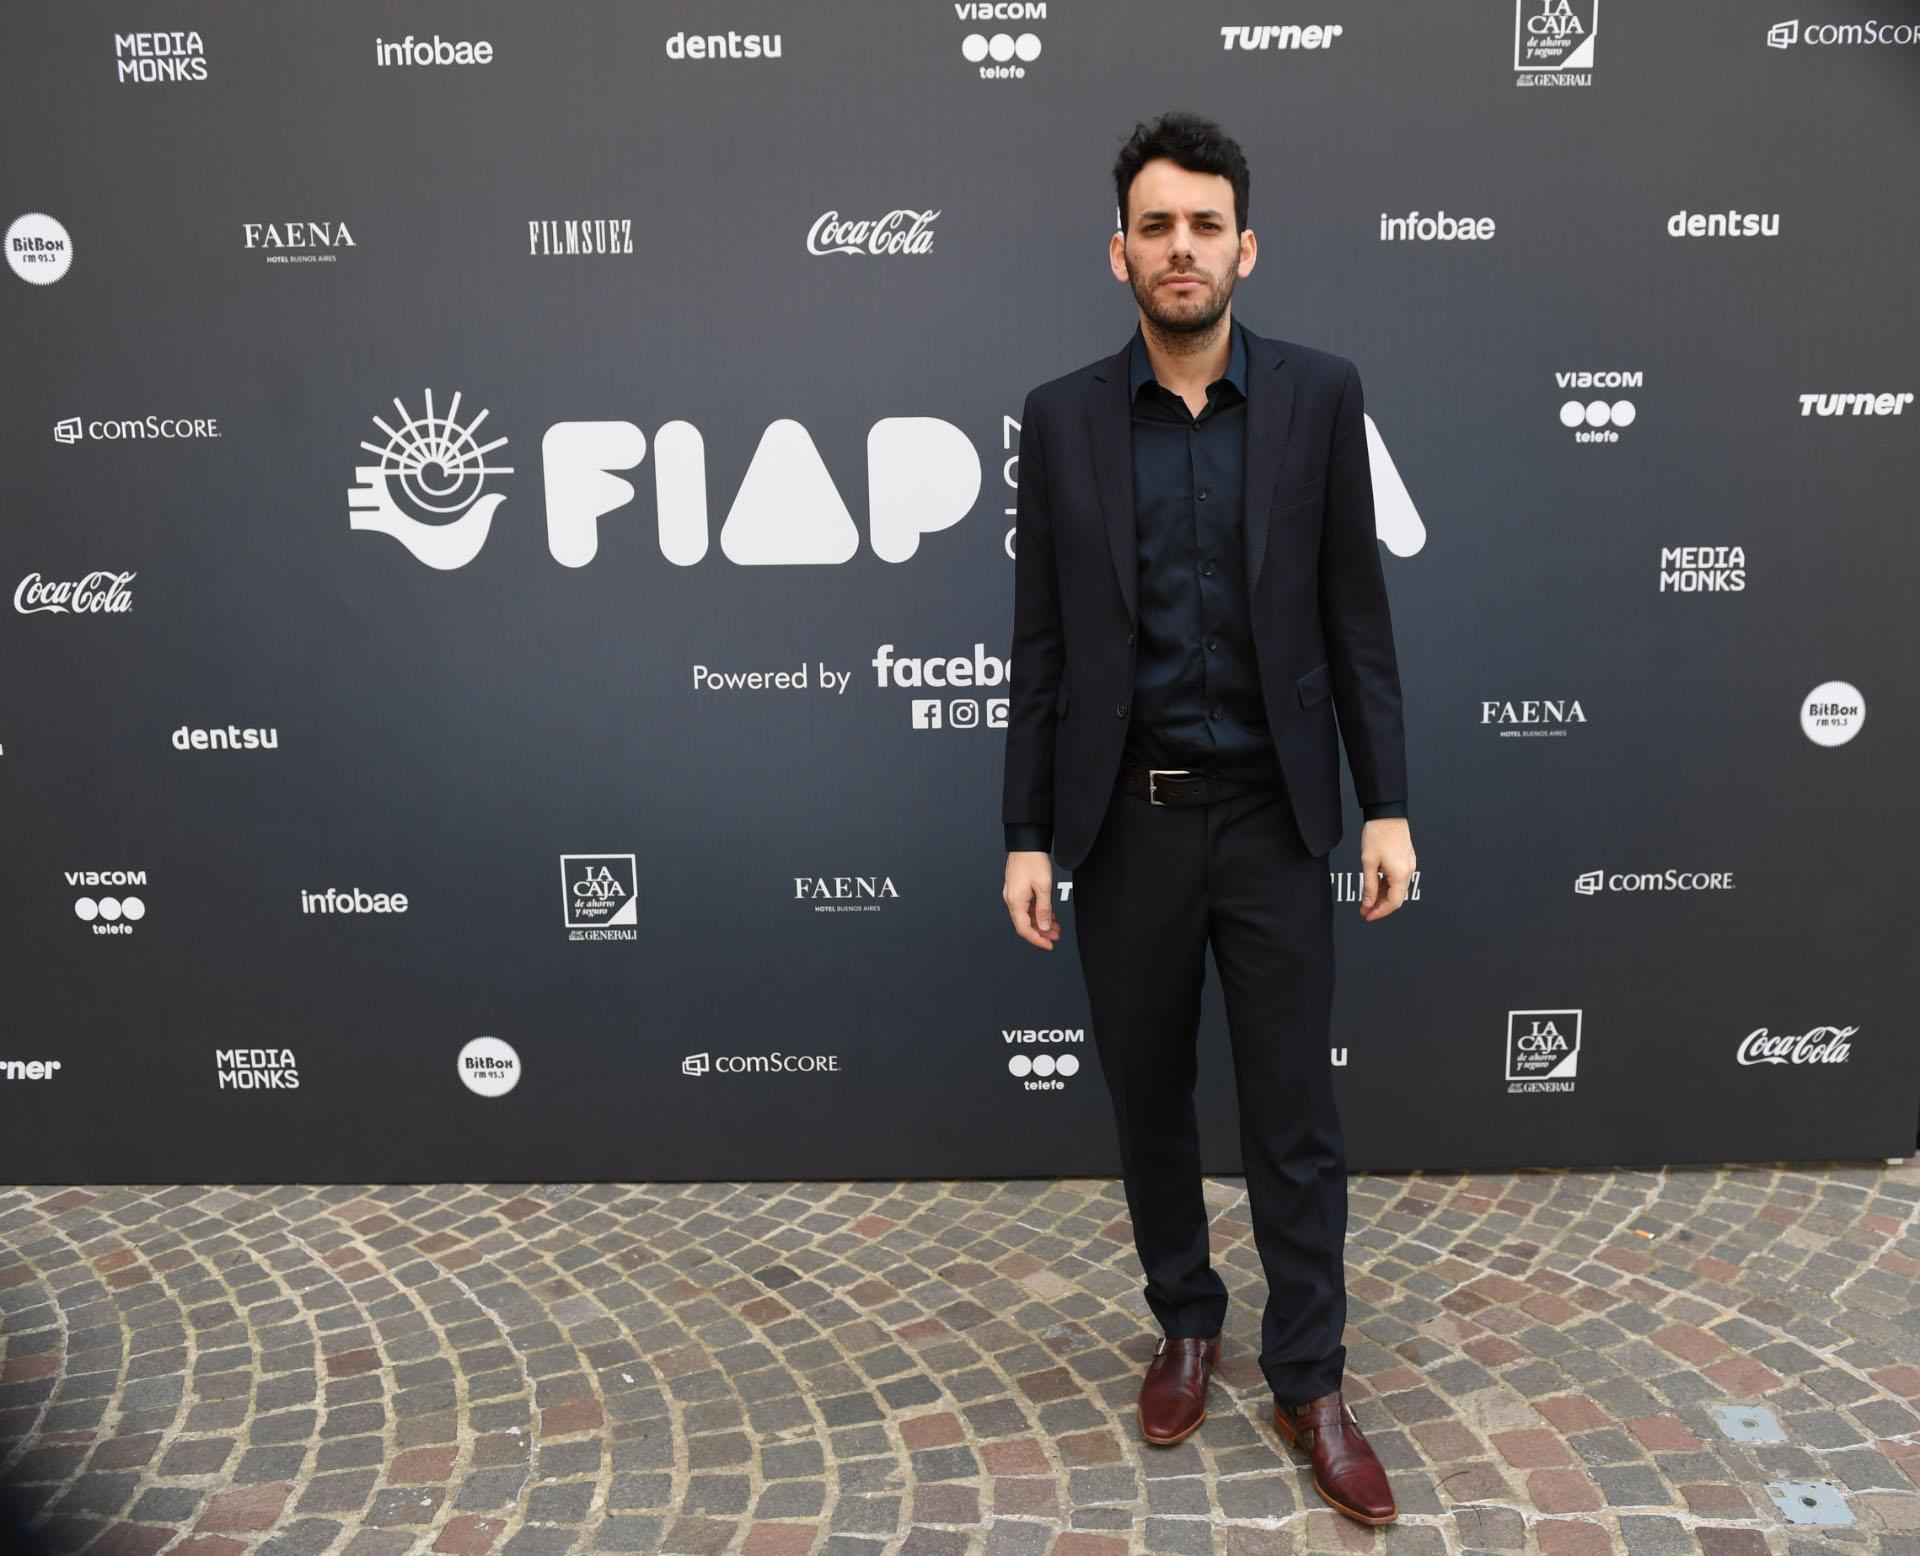 Facundo Pedrini trabaja en el canal Crónica y es uno de los autores de las placas rojas que distinguen el estilo periodístico de Crónica TV